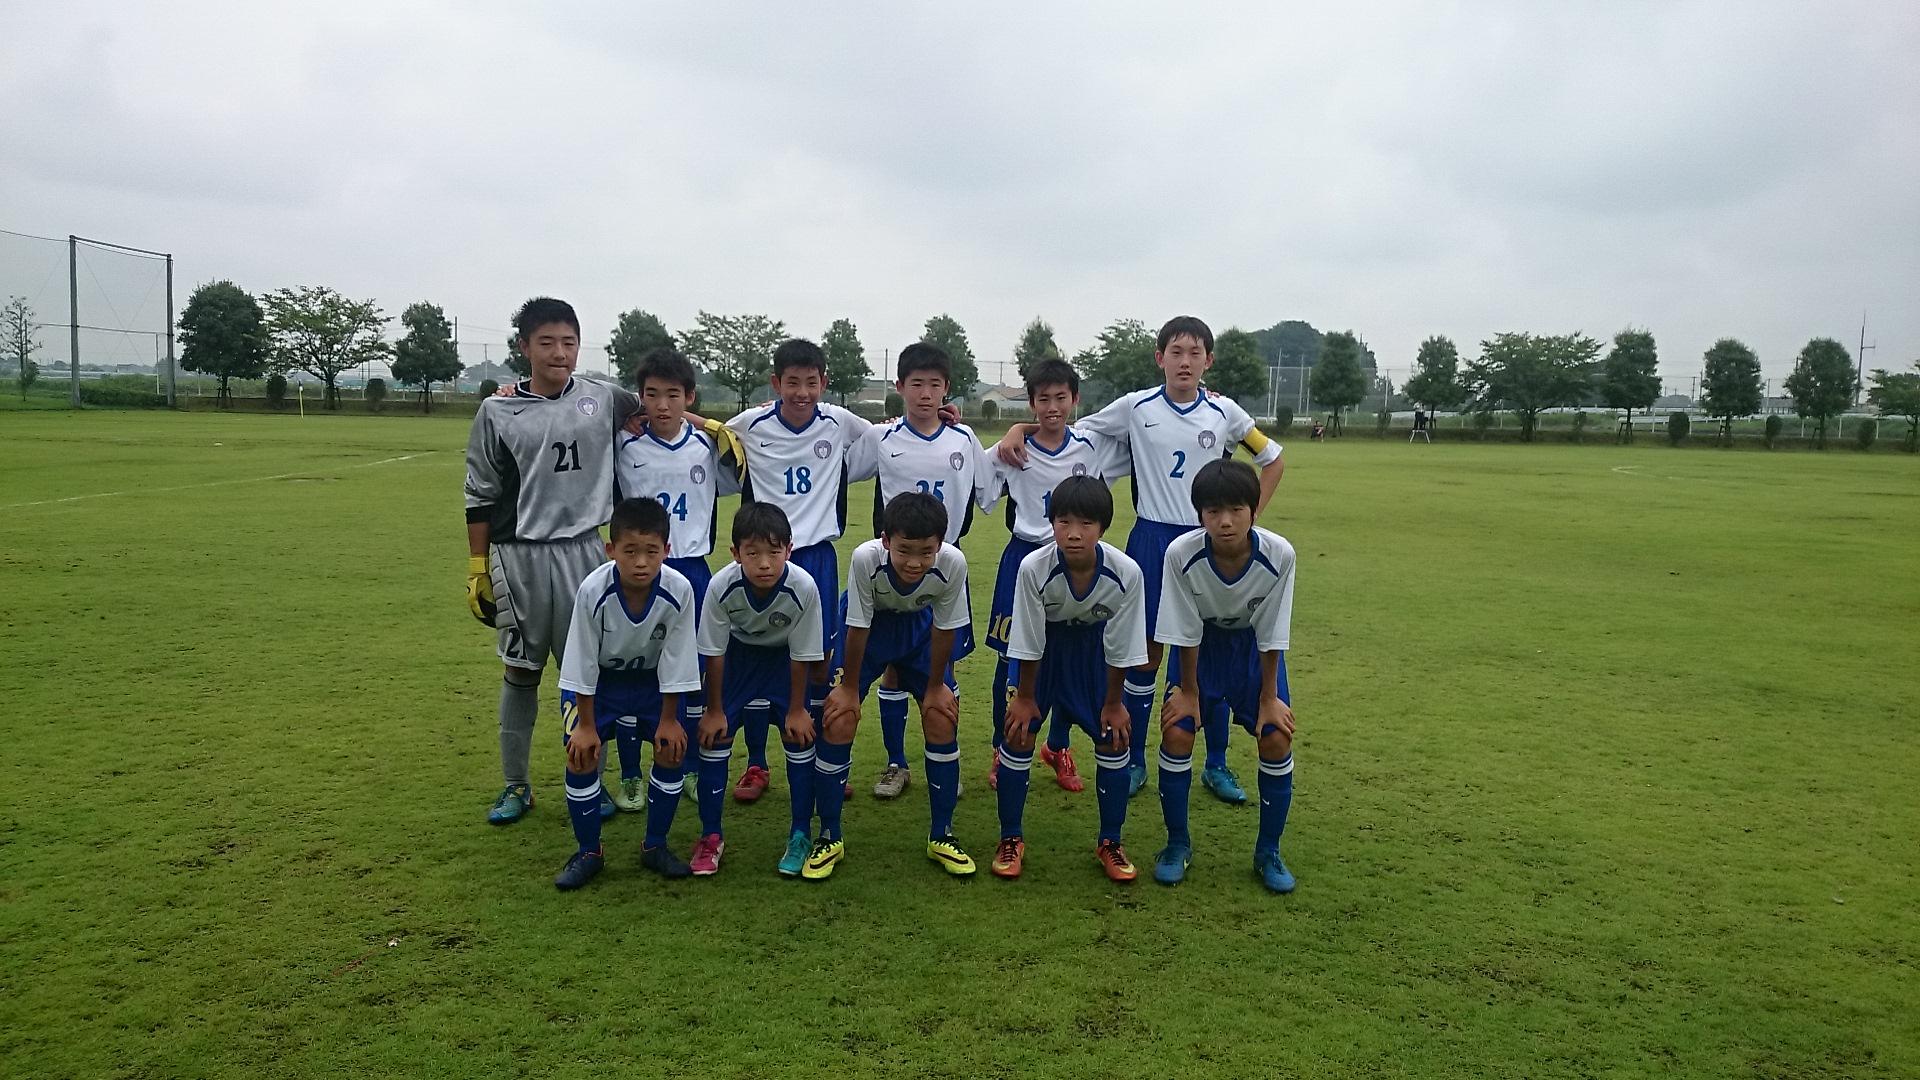 U-14クラブユース選手権